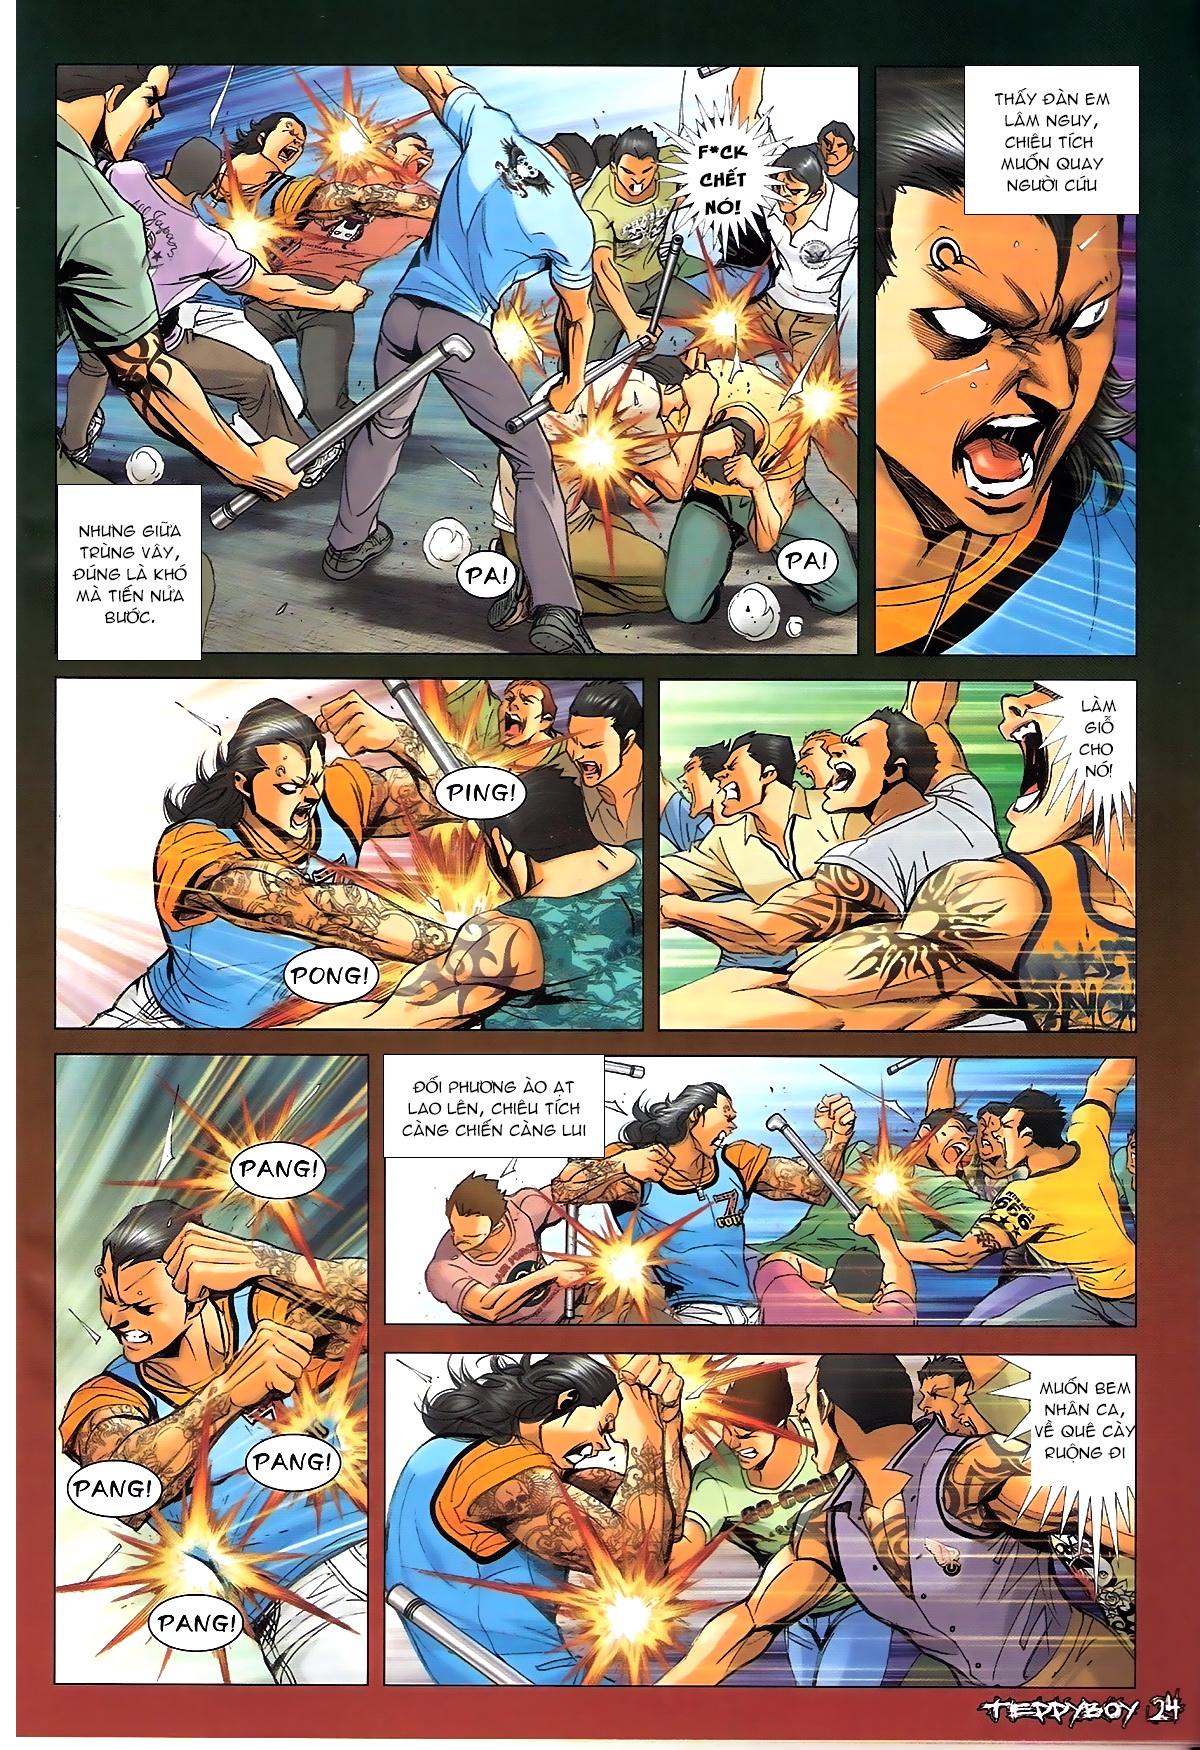 Người Trong Giang Hồ NetTruyen chap 1338 - Trang 21